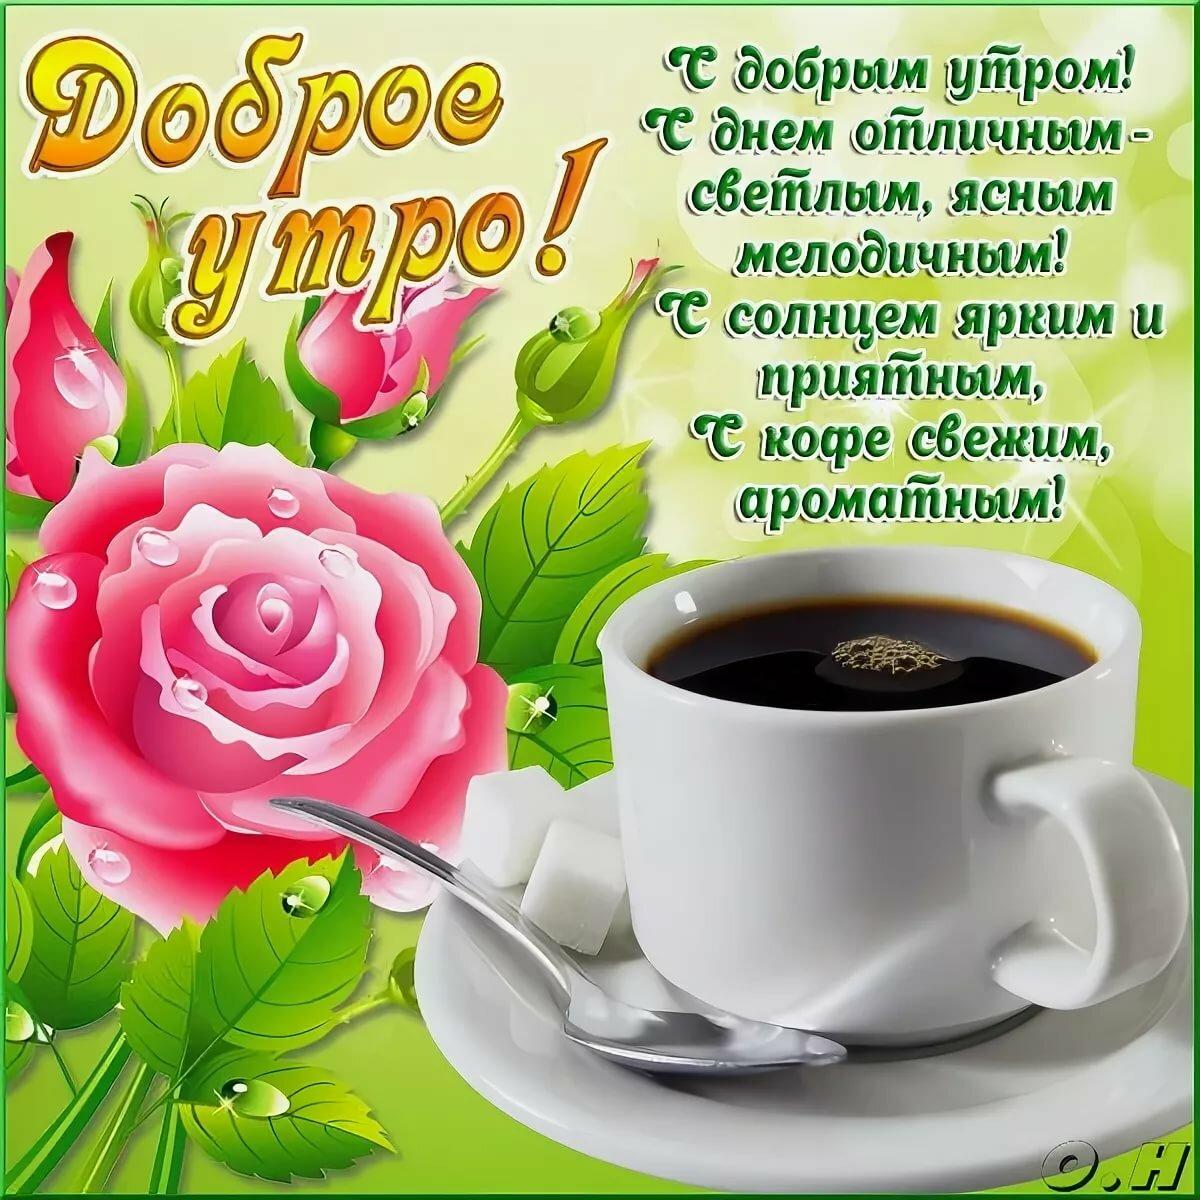 Открытки про доброе утро и удачного дня женщине